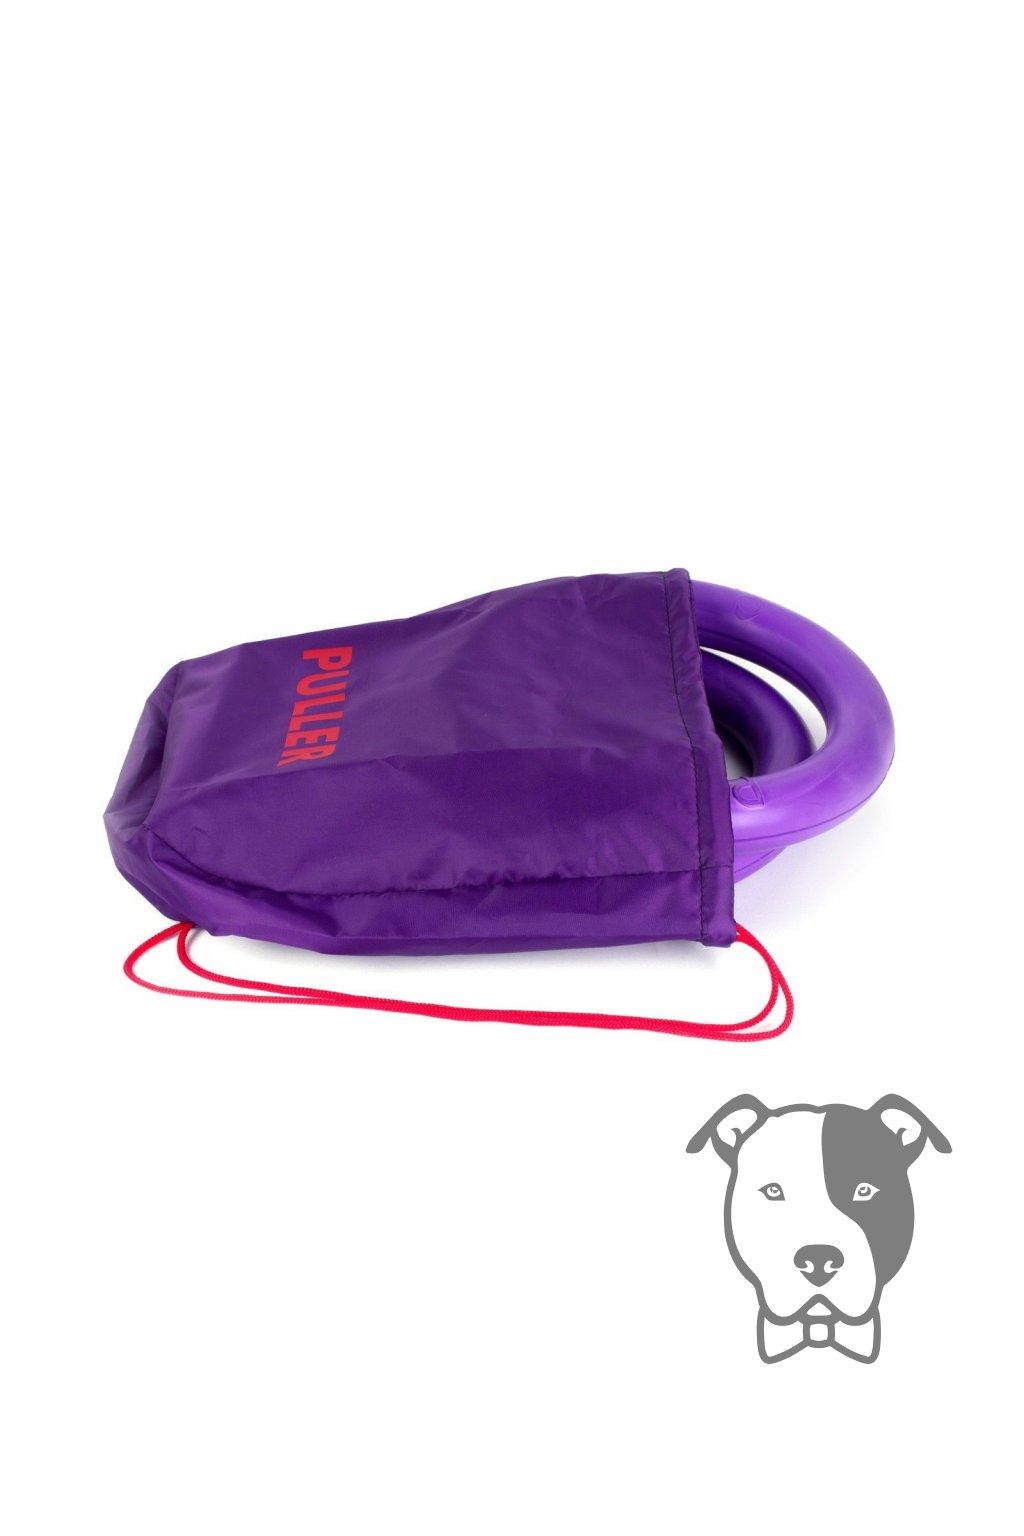 pull1530 puller bag1